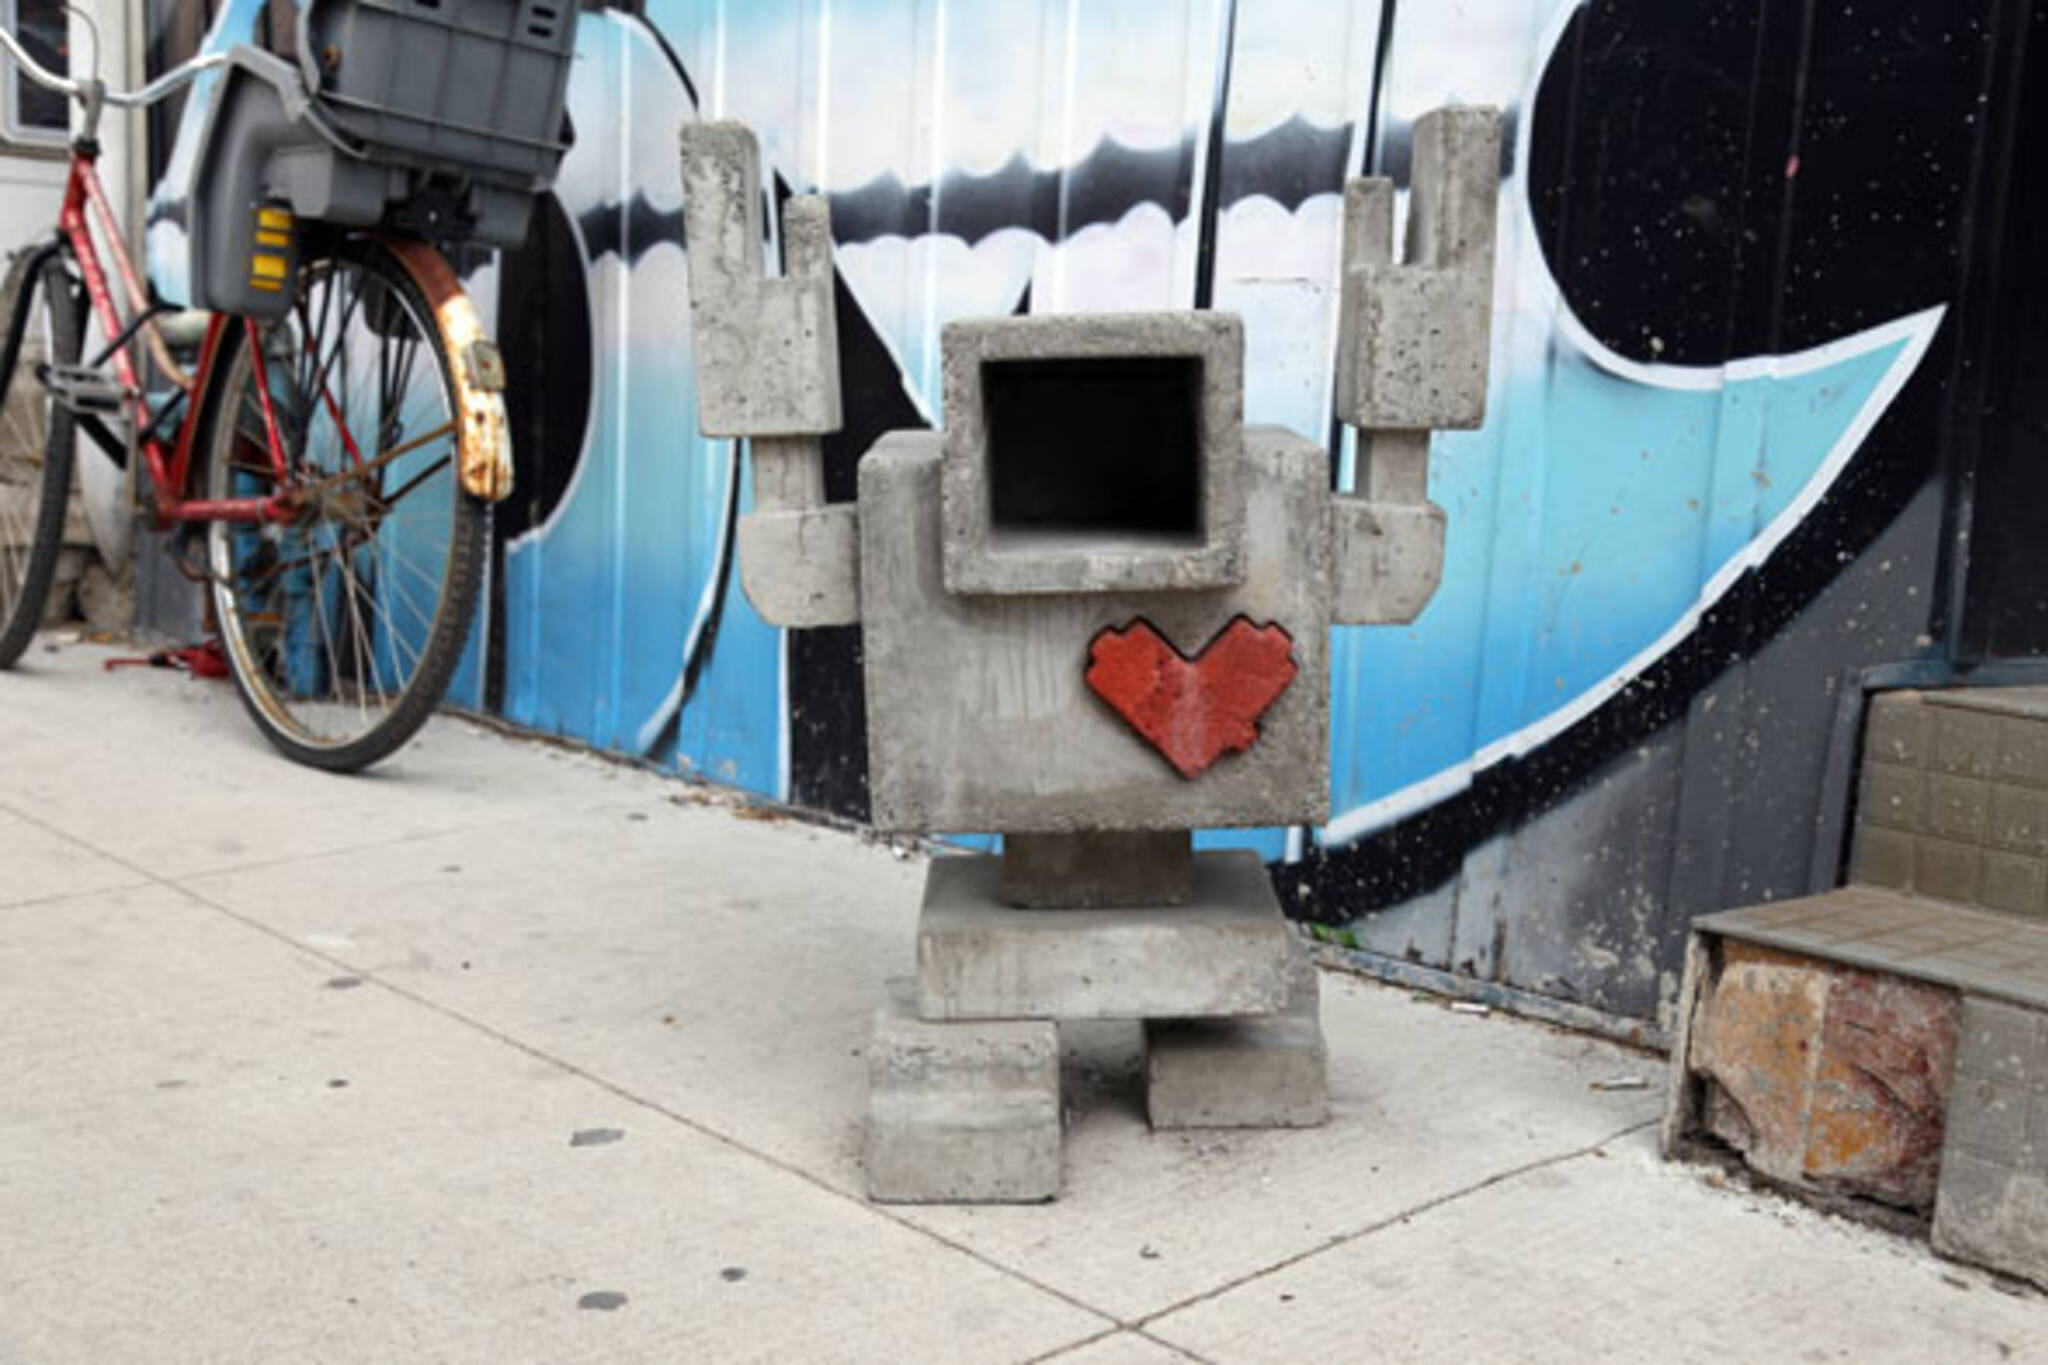 Lovebot